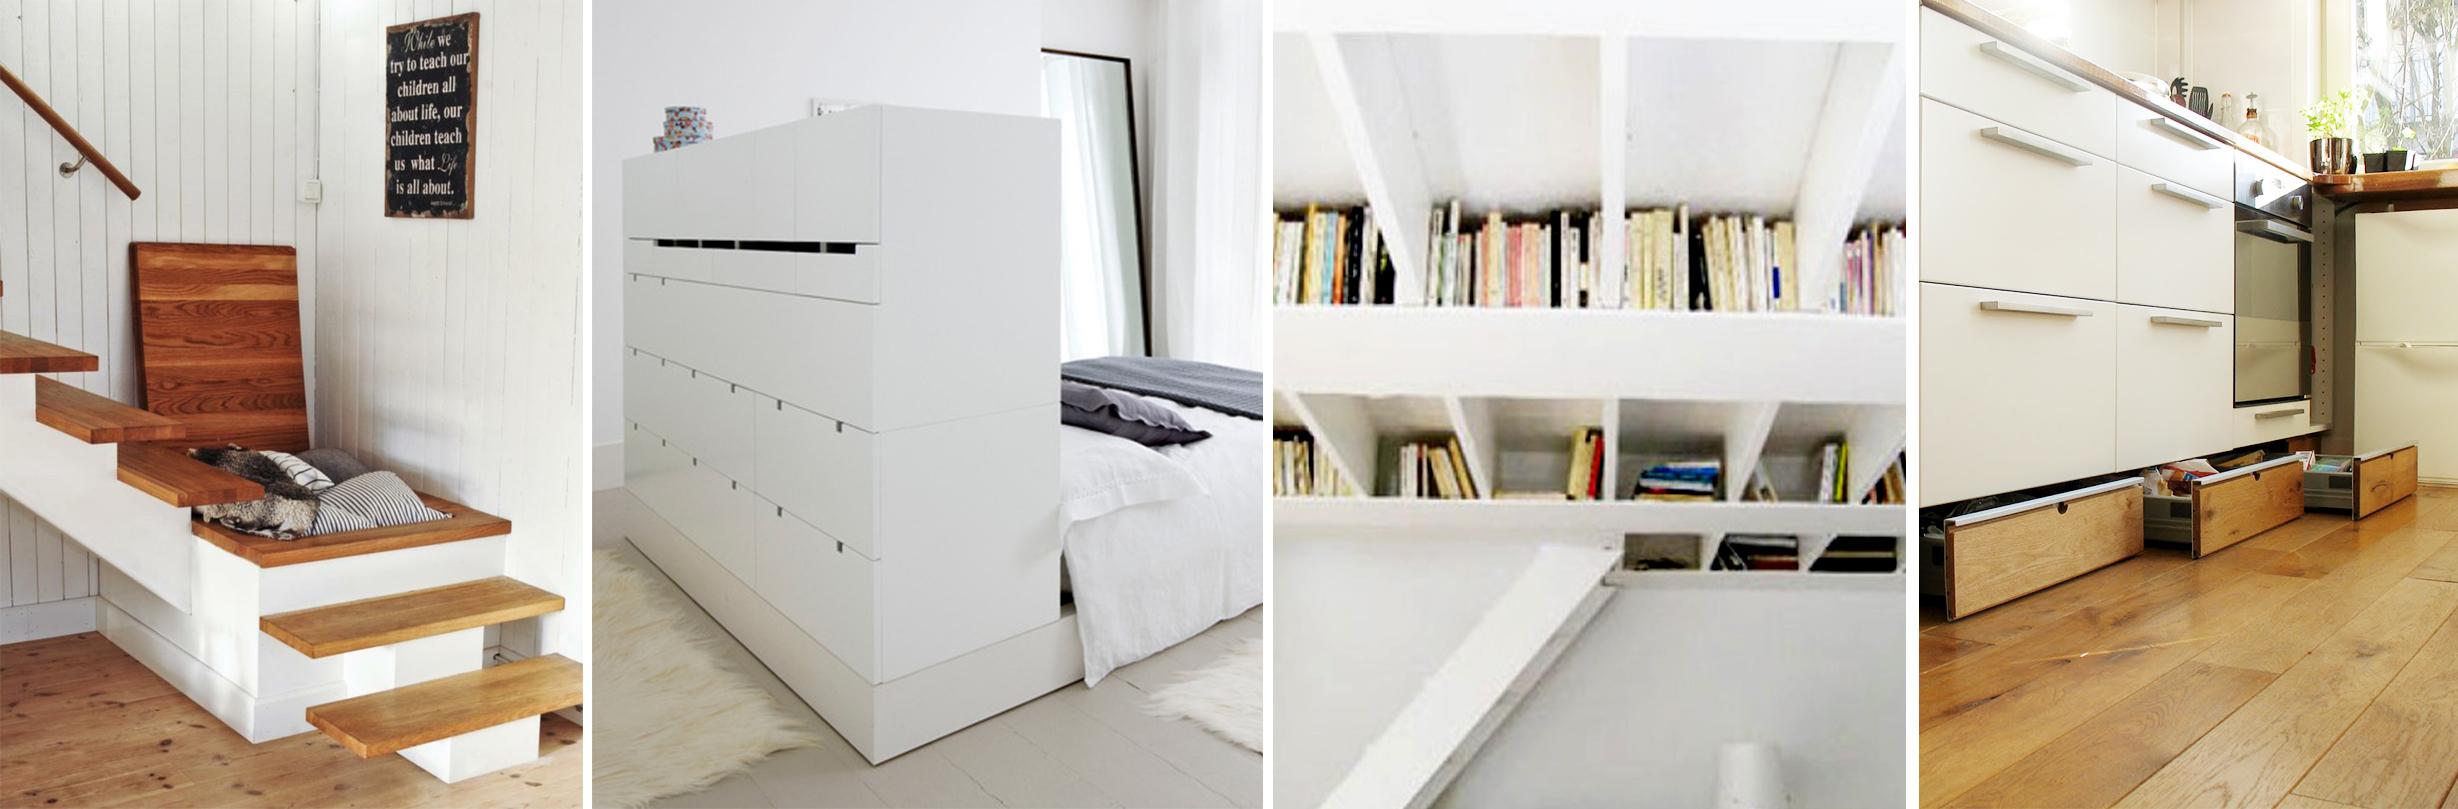 Slaapkamer slaapkamer verlichting tips : Trap : De ruimte onder een trap wordt vaak niet of minimaal benut ...